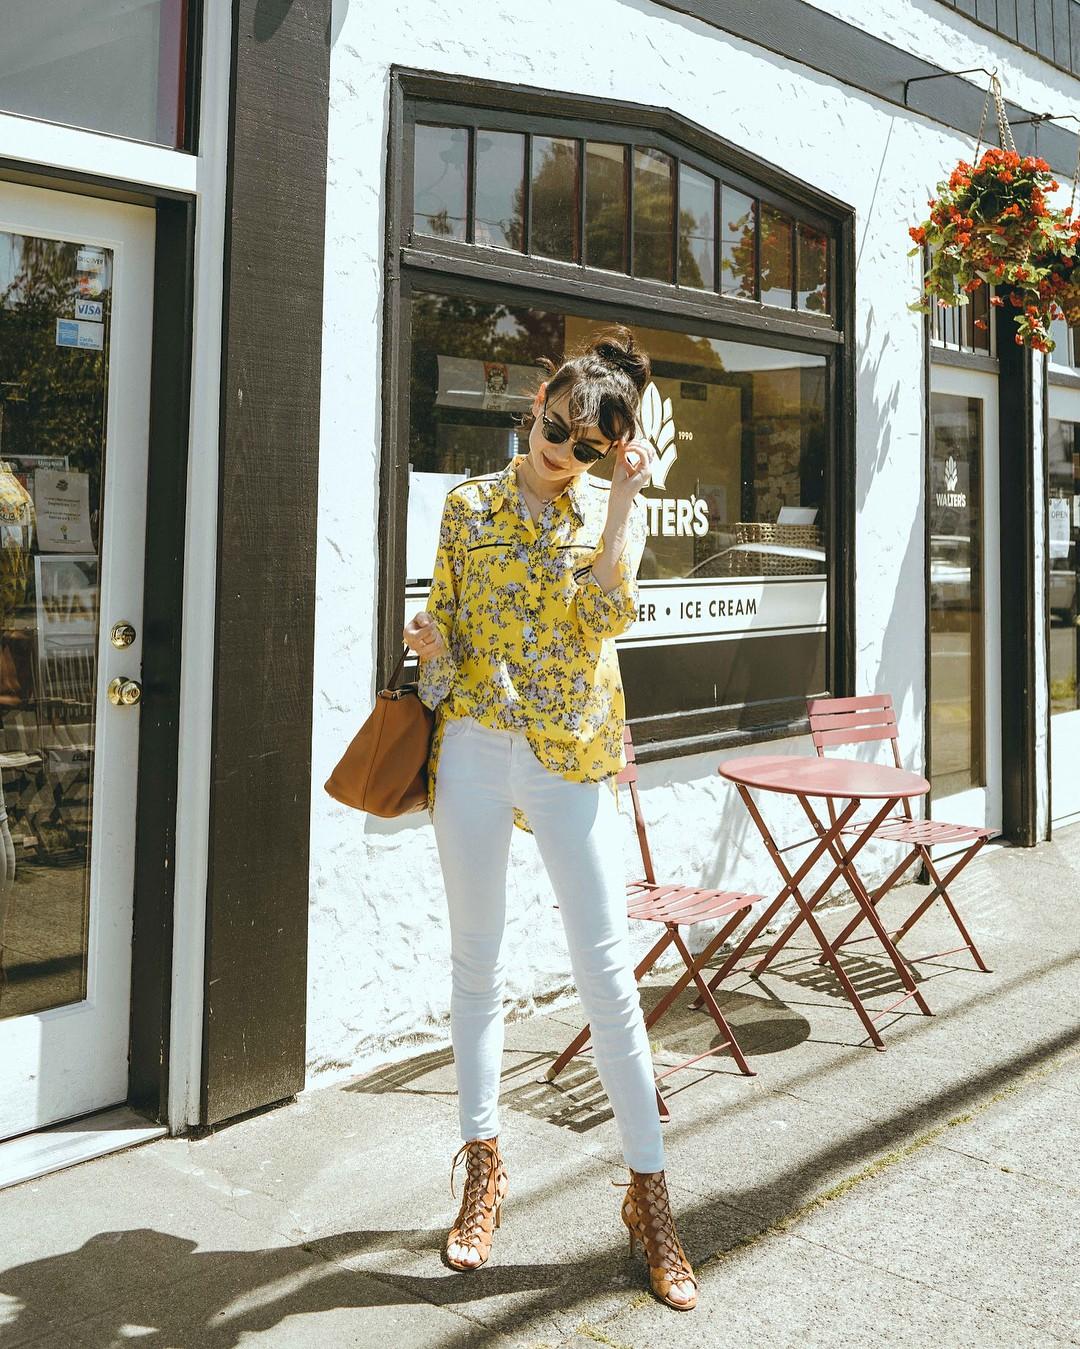 Có một kiểu quần mà các nàng cứ diện lên sẽ trẻ trung và nữ tính hơn bội phần, đó chính là quần jeans trắng - 2